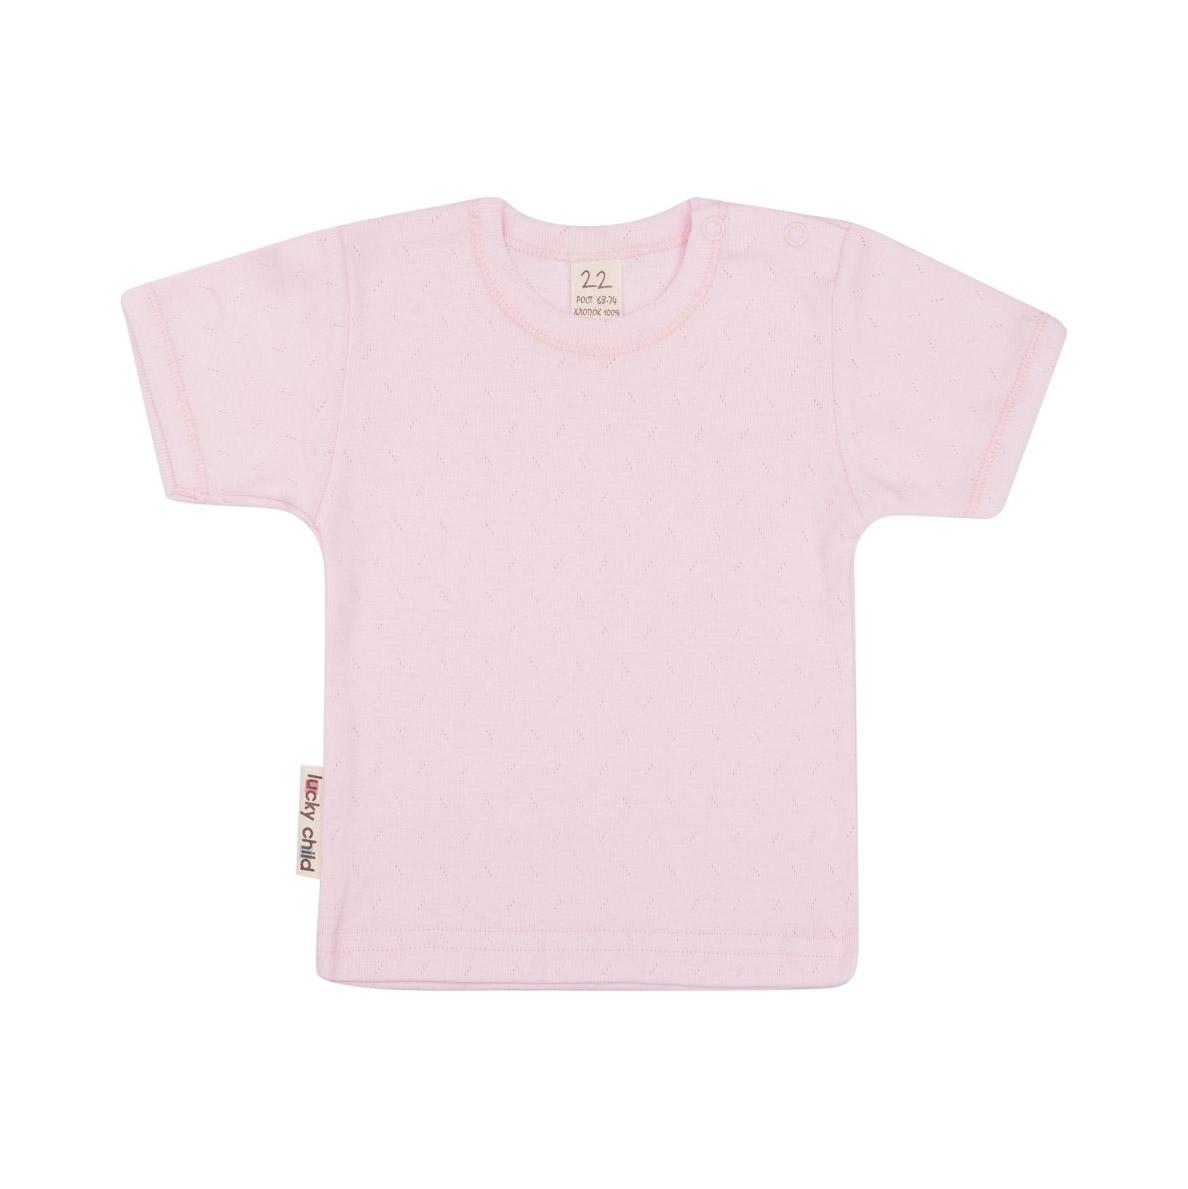 Купить Футболка Lucky Child Ажур розовая 92-98, Розовый, Рибана трансферная, Для девочек, Весна-Лето,